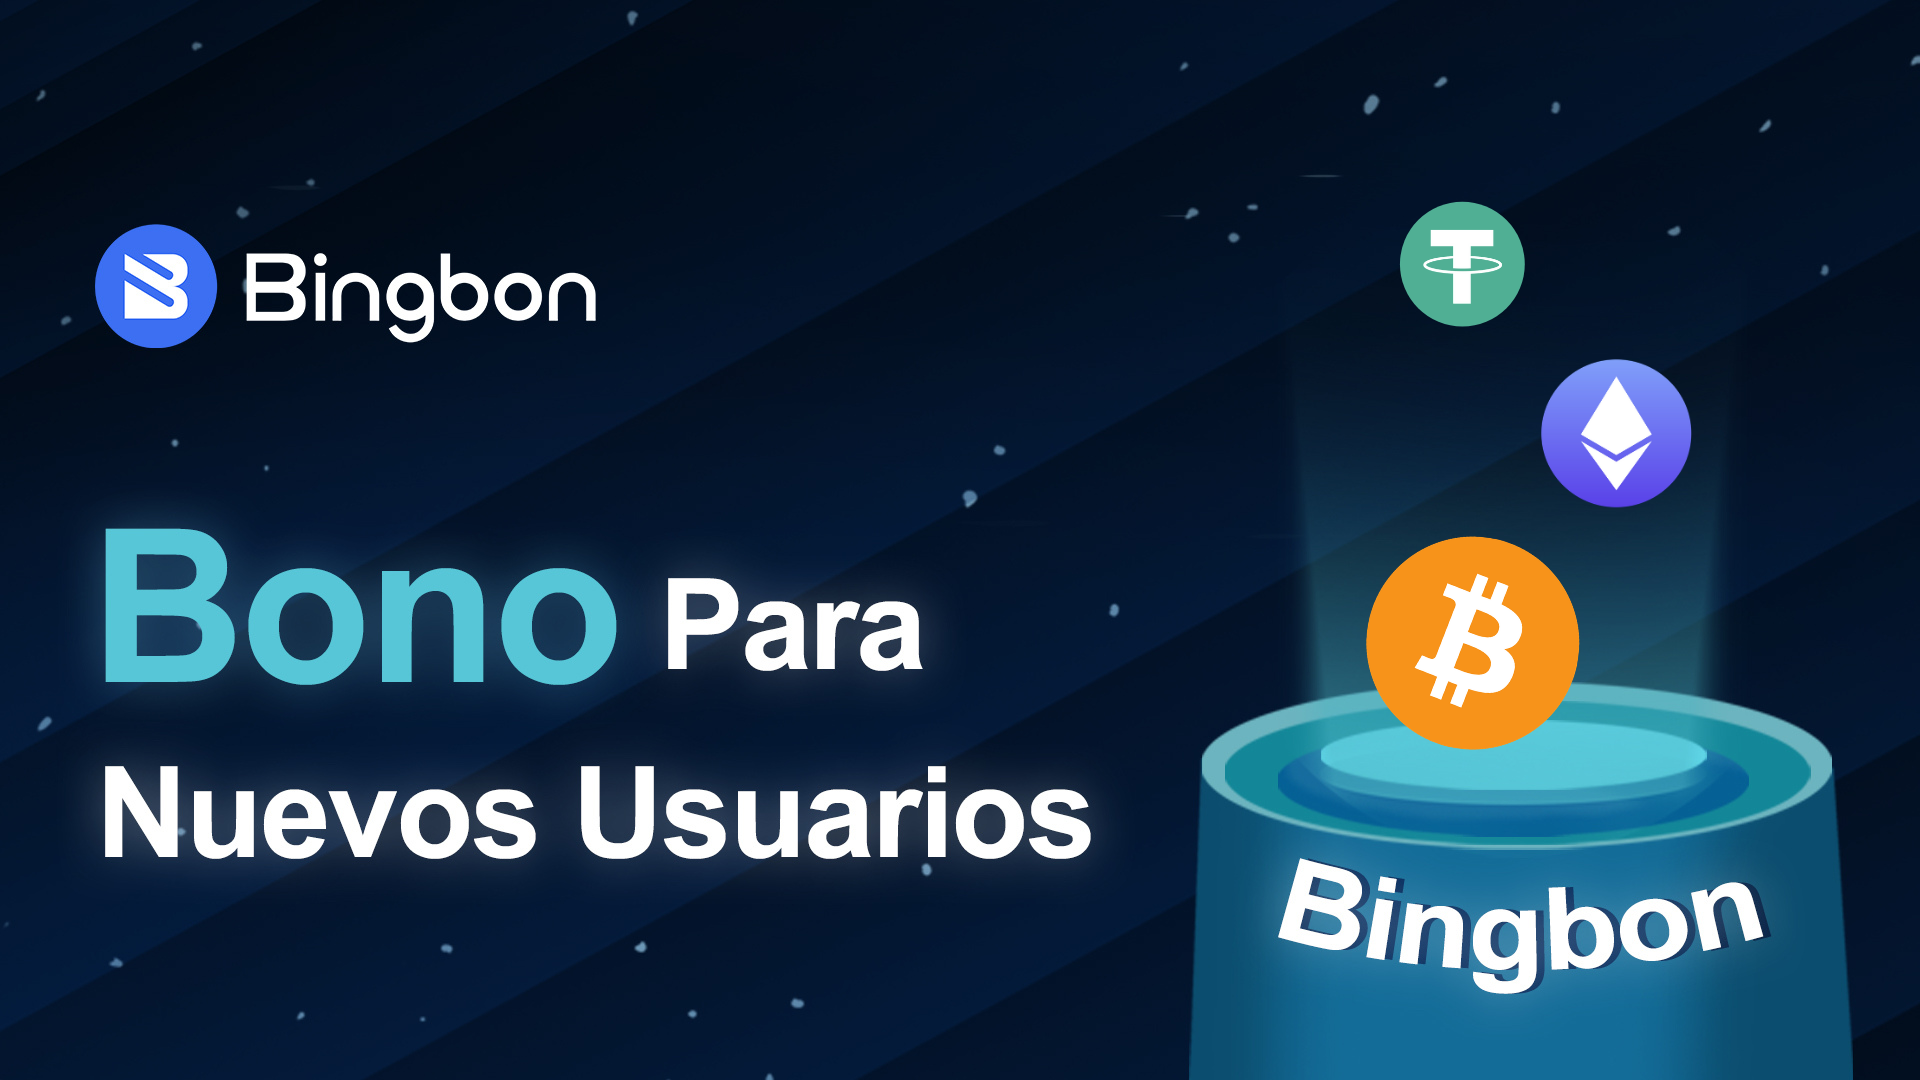 bingbon bono para nuevos usuarios